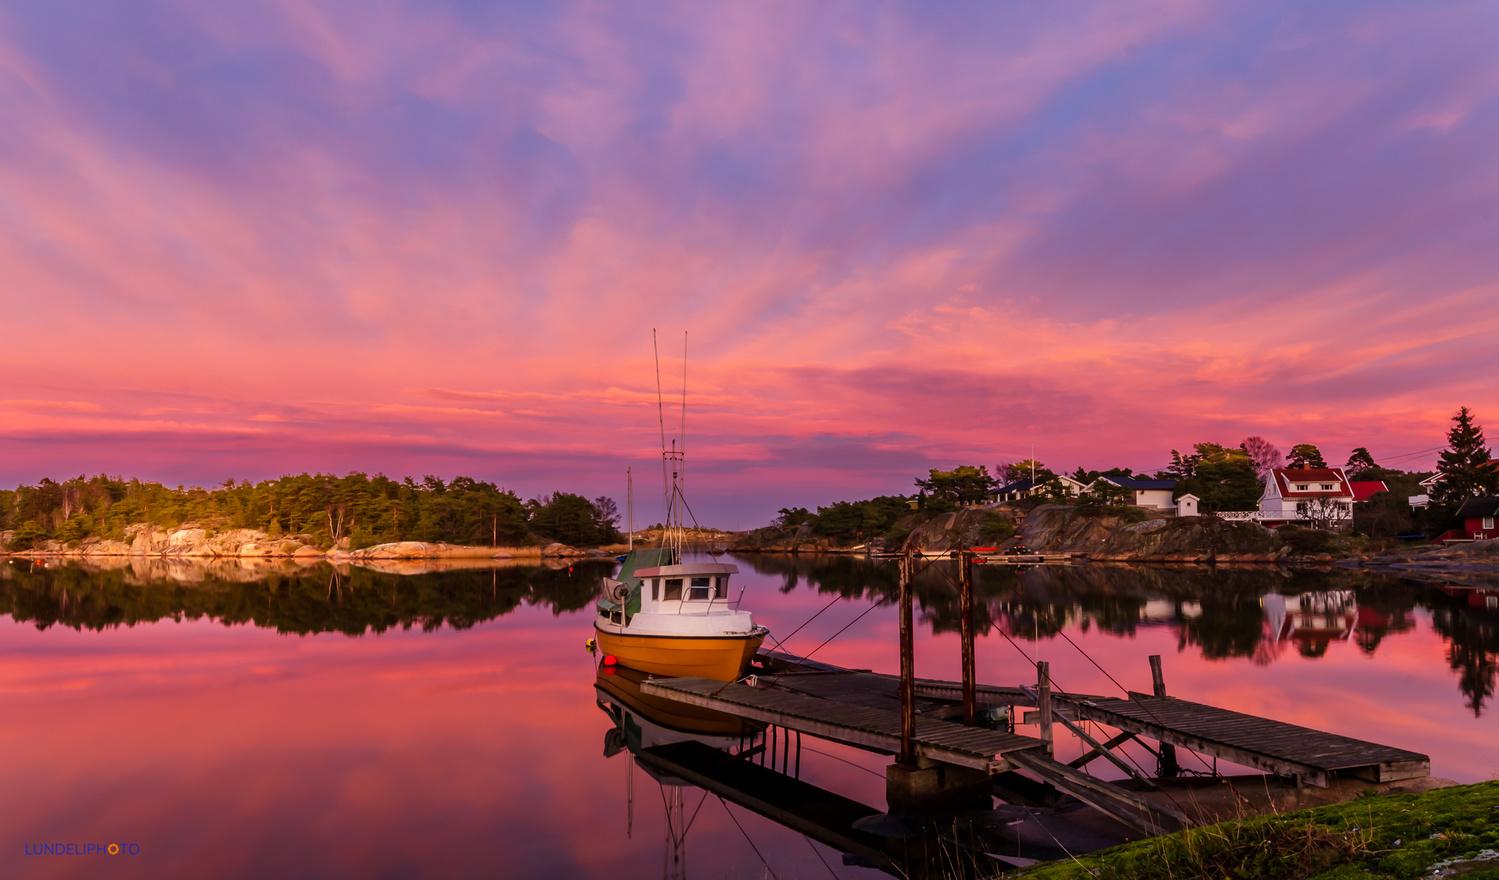 Not your average sunset by Hans Jørgen Lindeløff